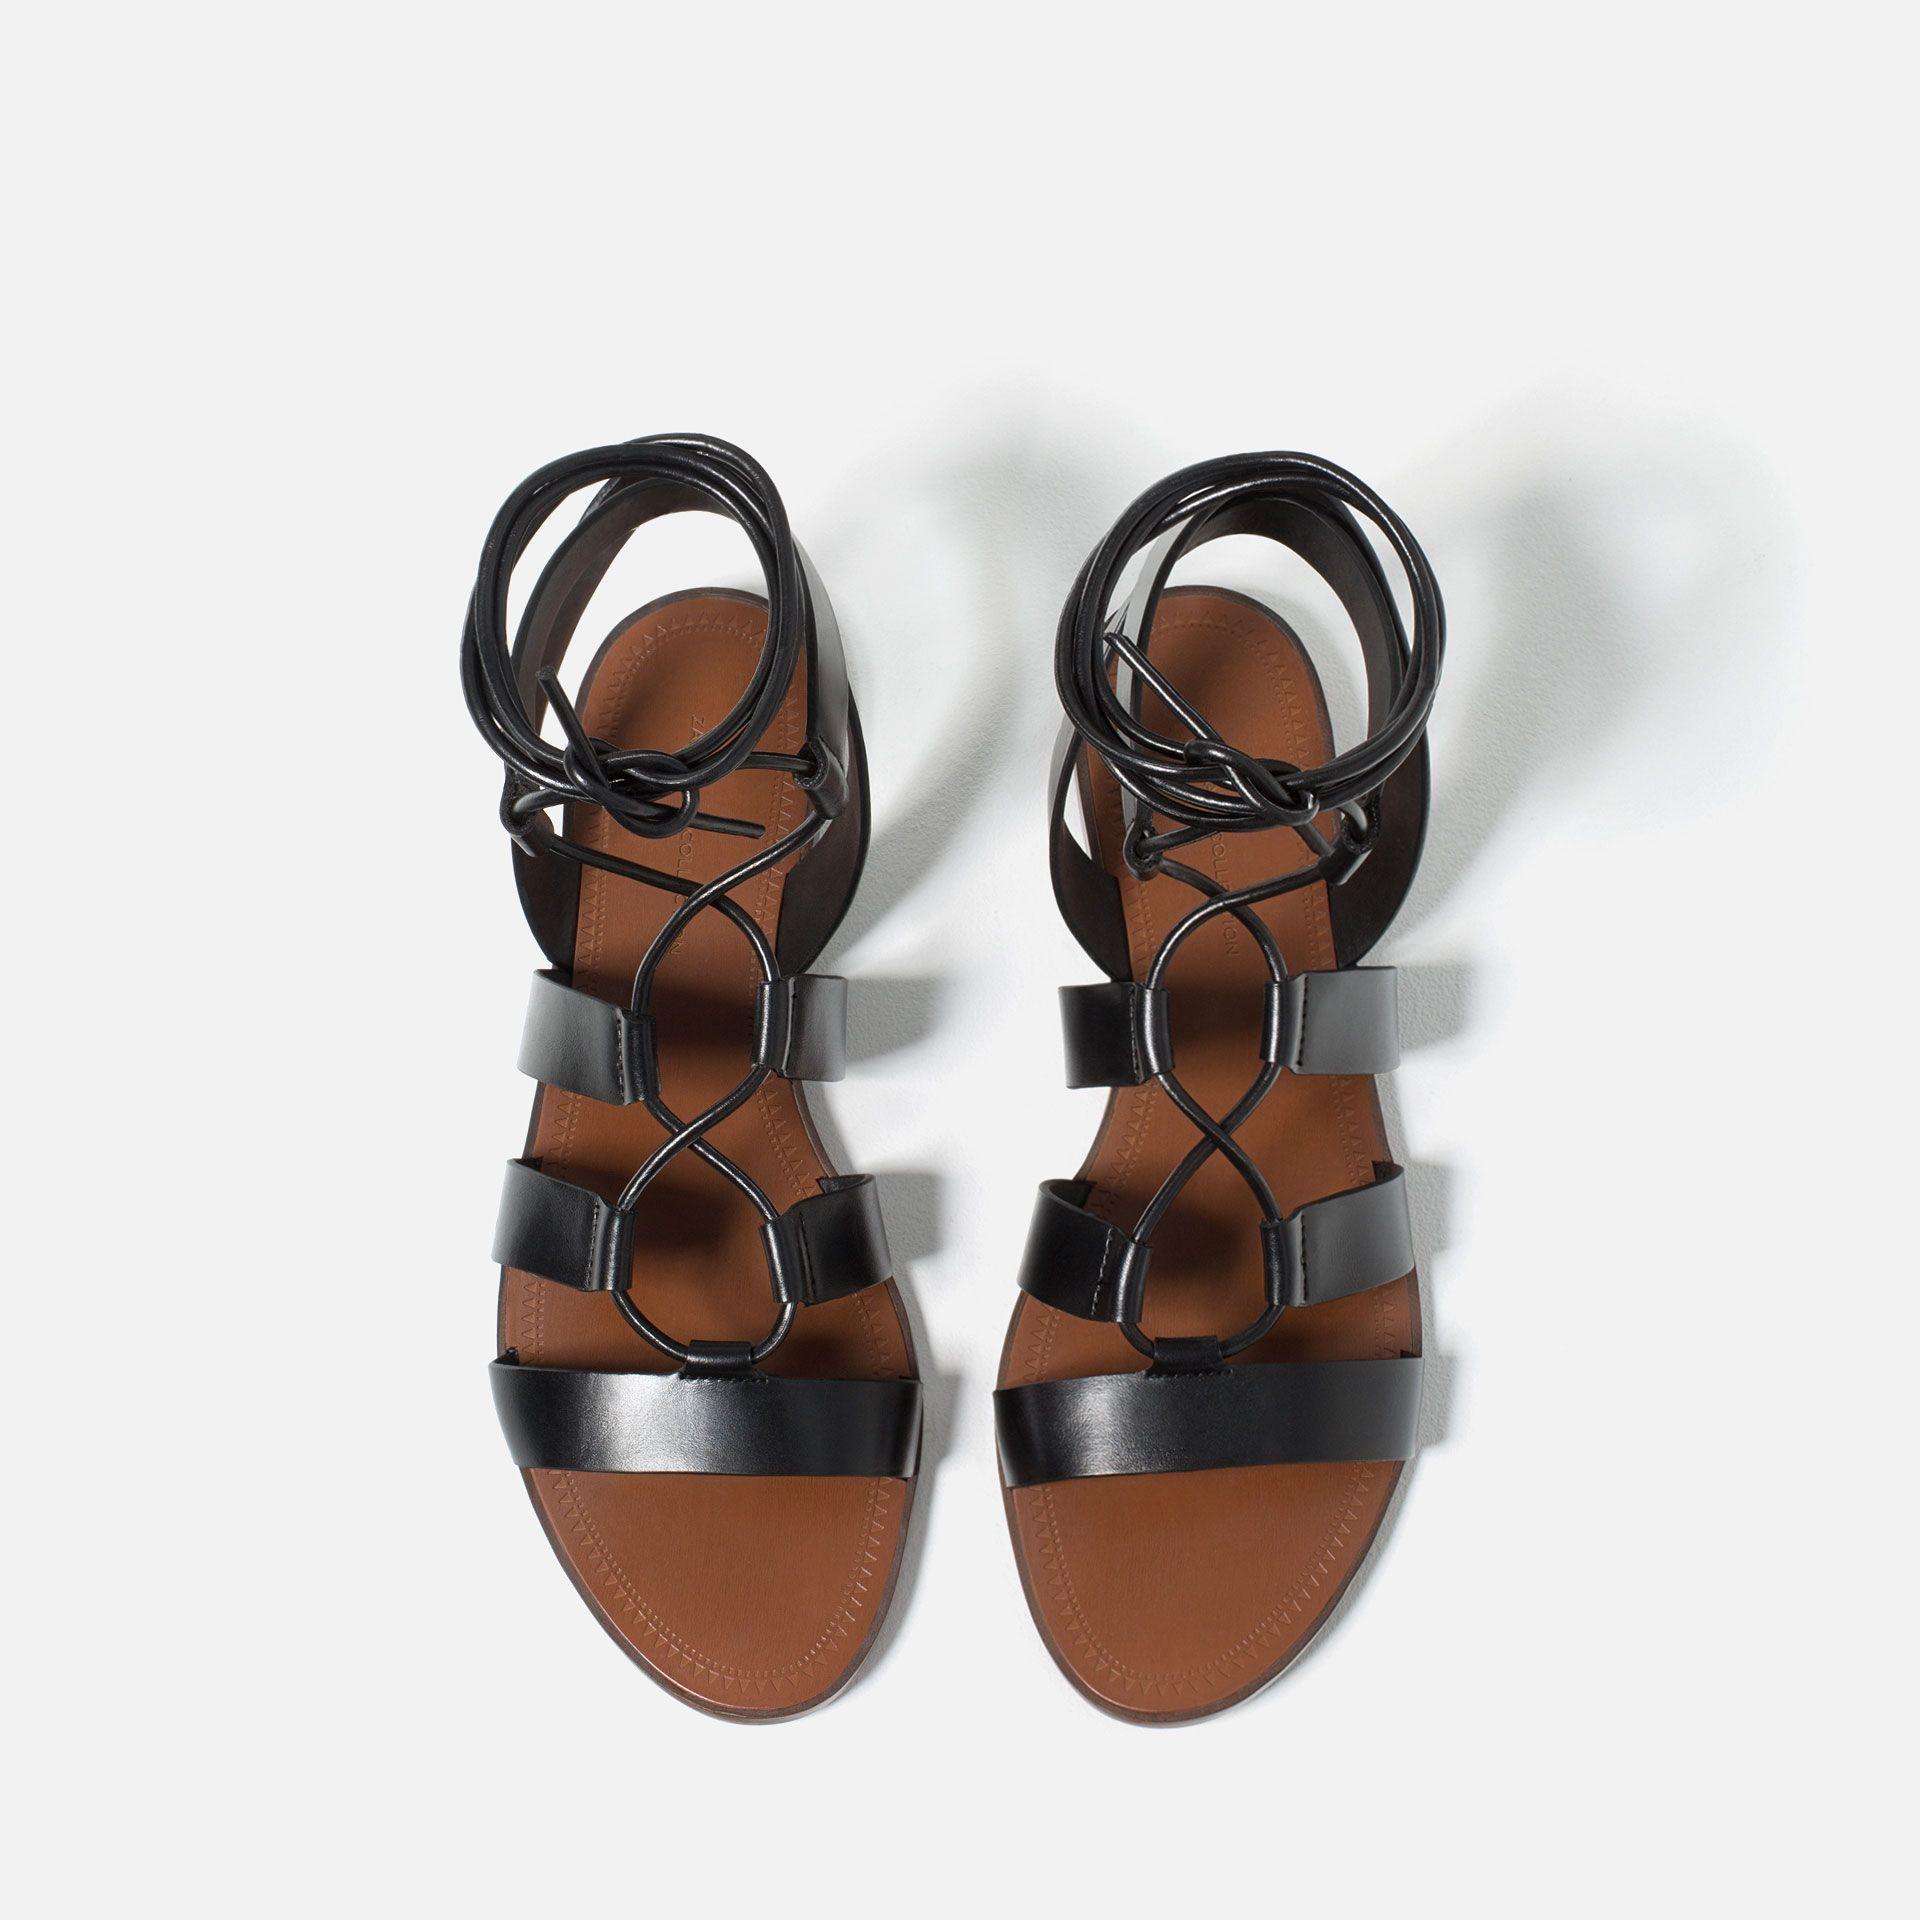 sandales plates À lacets - chaussures et sacs - femme - nouveautÉs